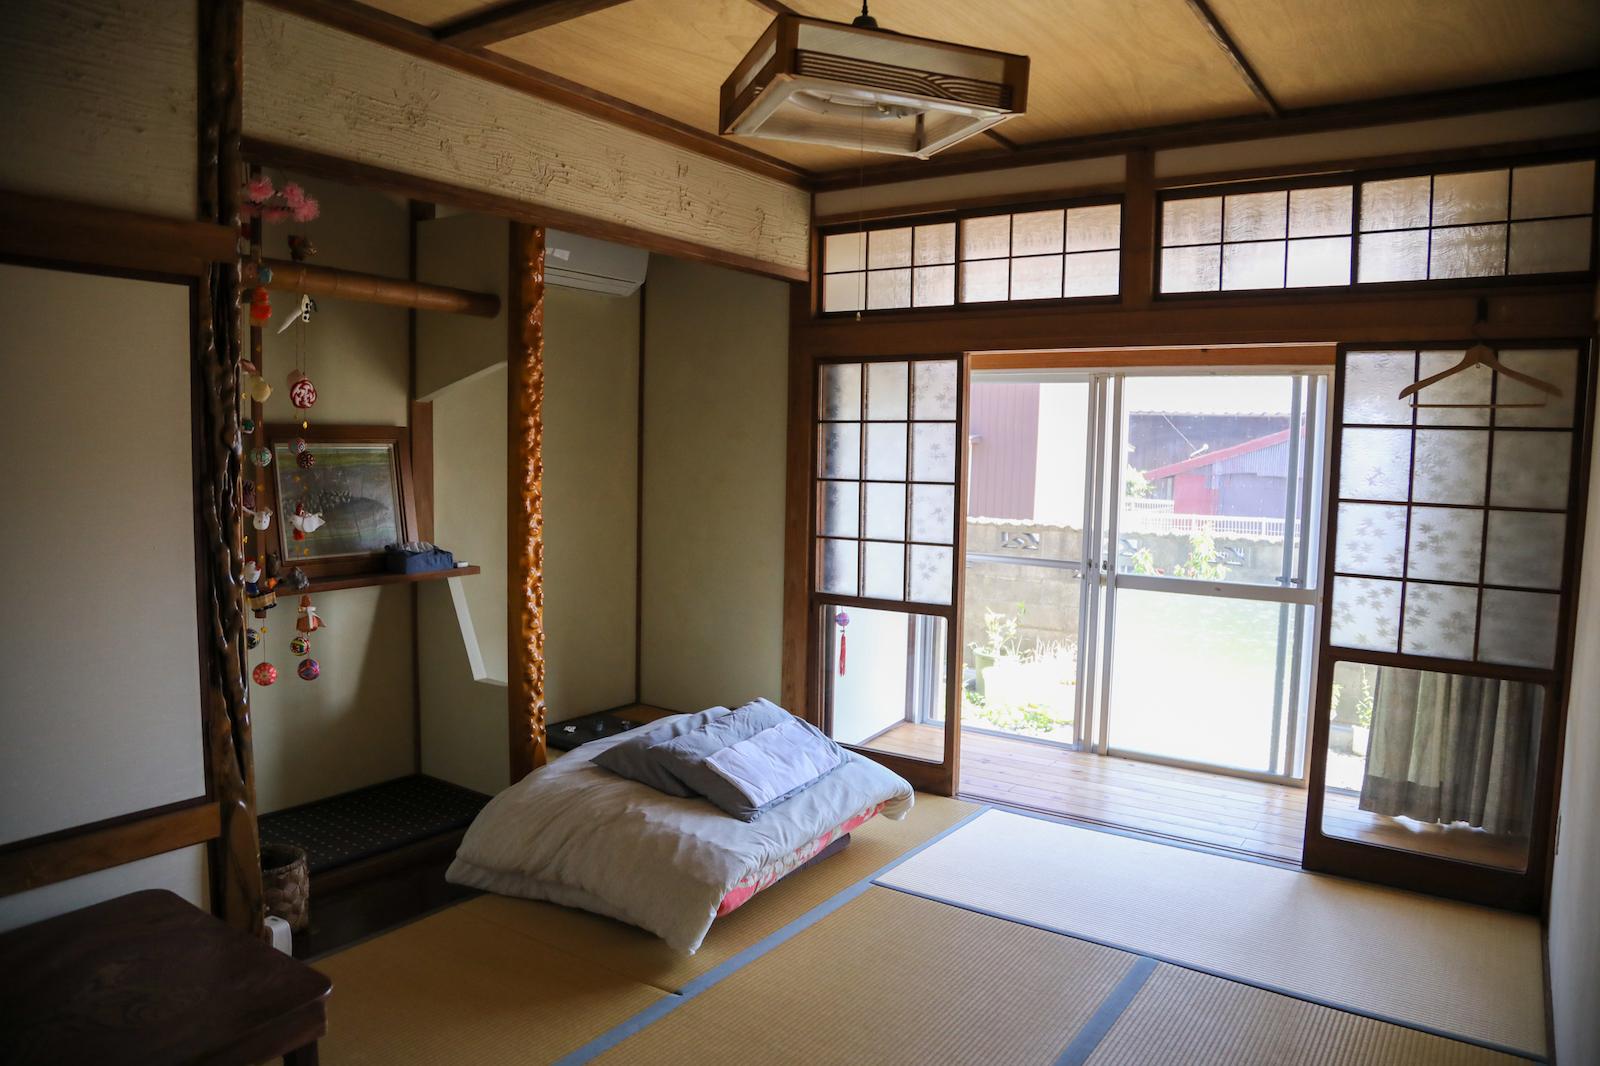 家族で泊まりやすい和室タイプの部屋。気持ちの良い縁側も売りです。